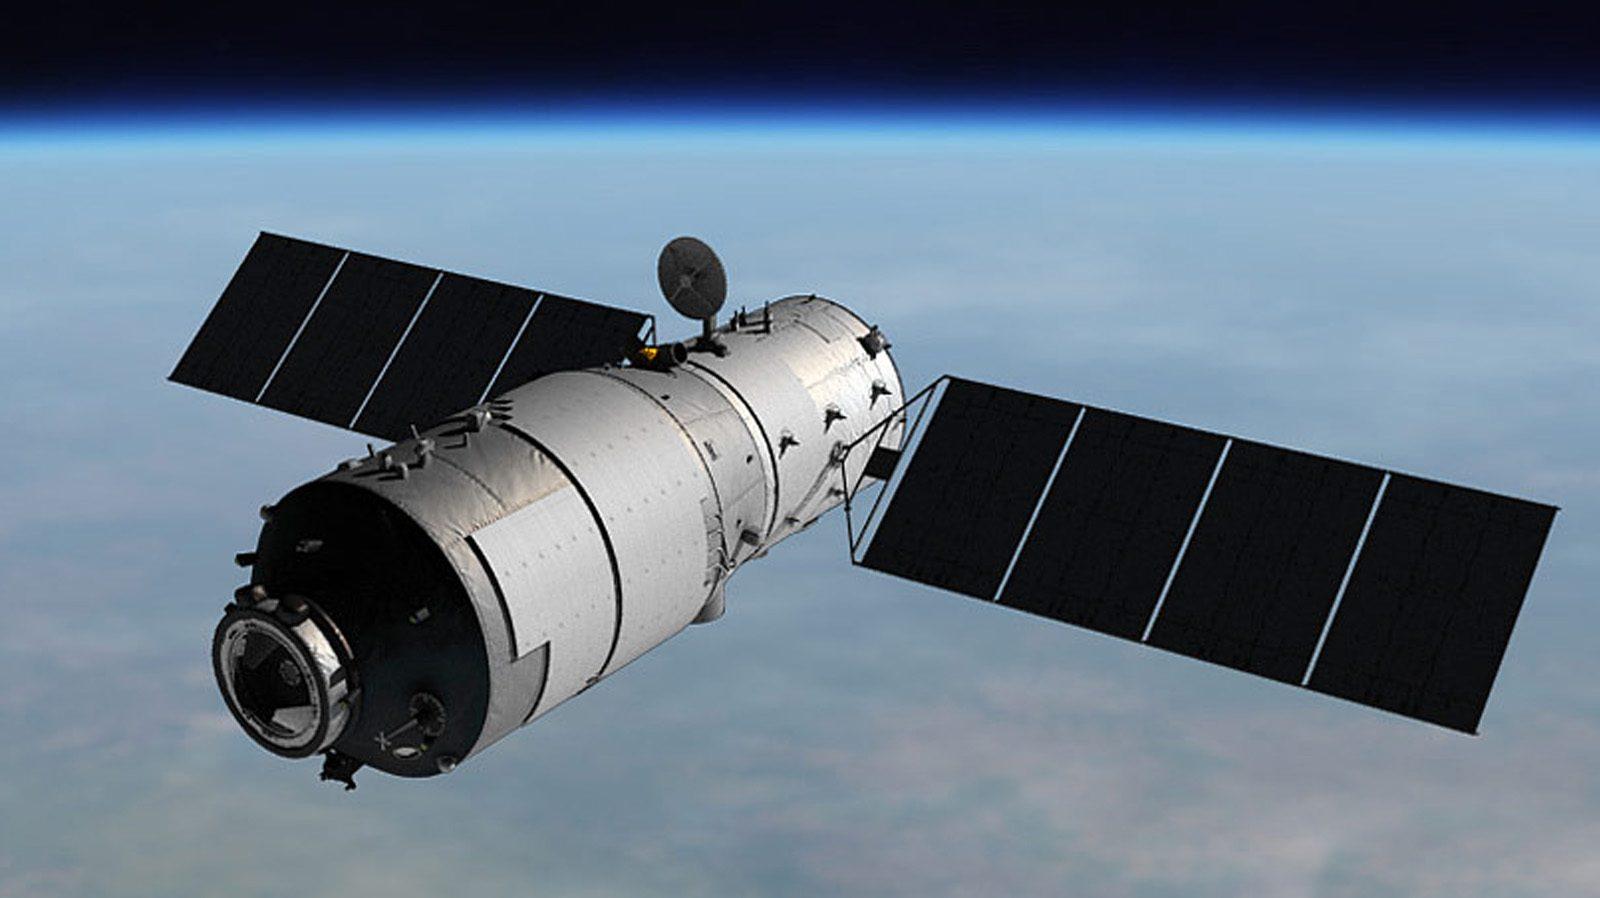 制御不能になった中国の宇宙実験施設